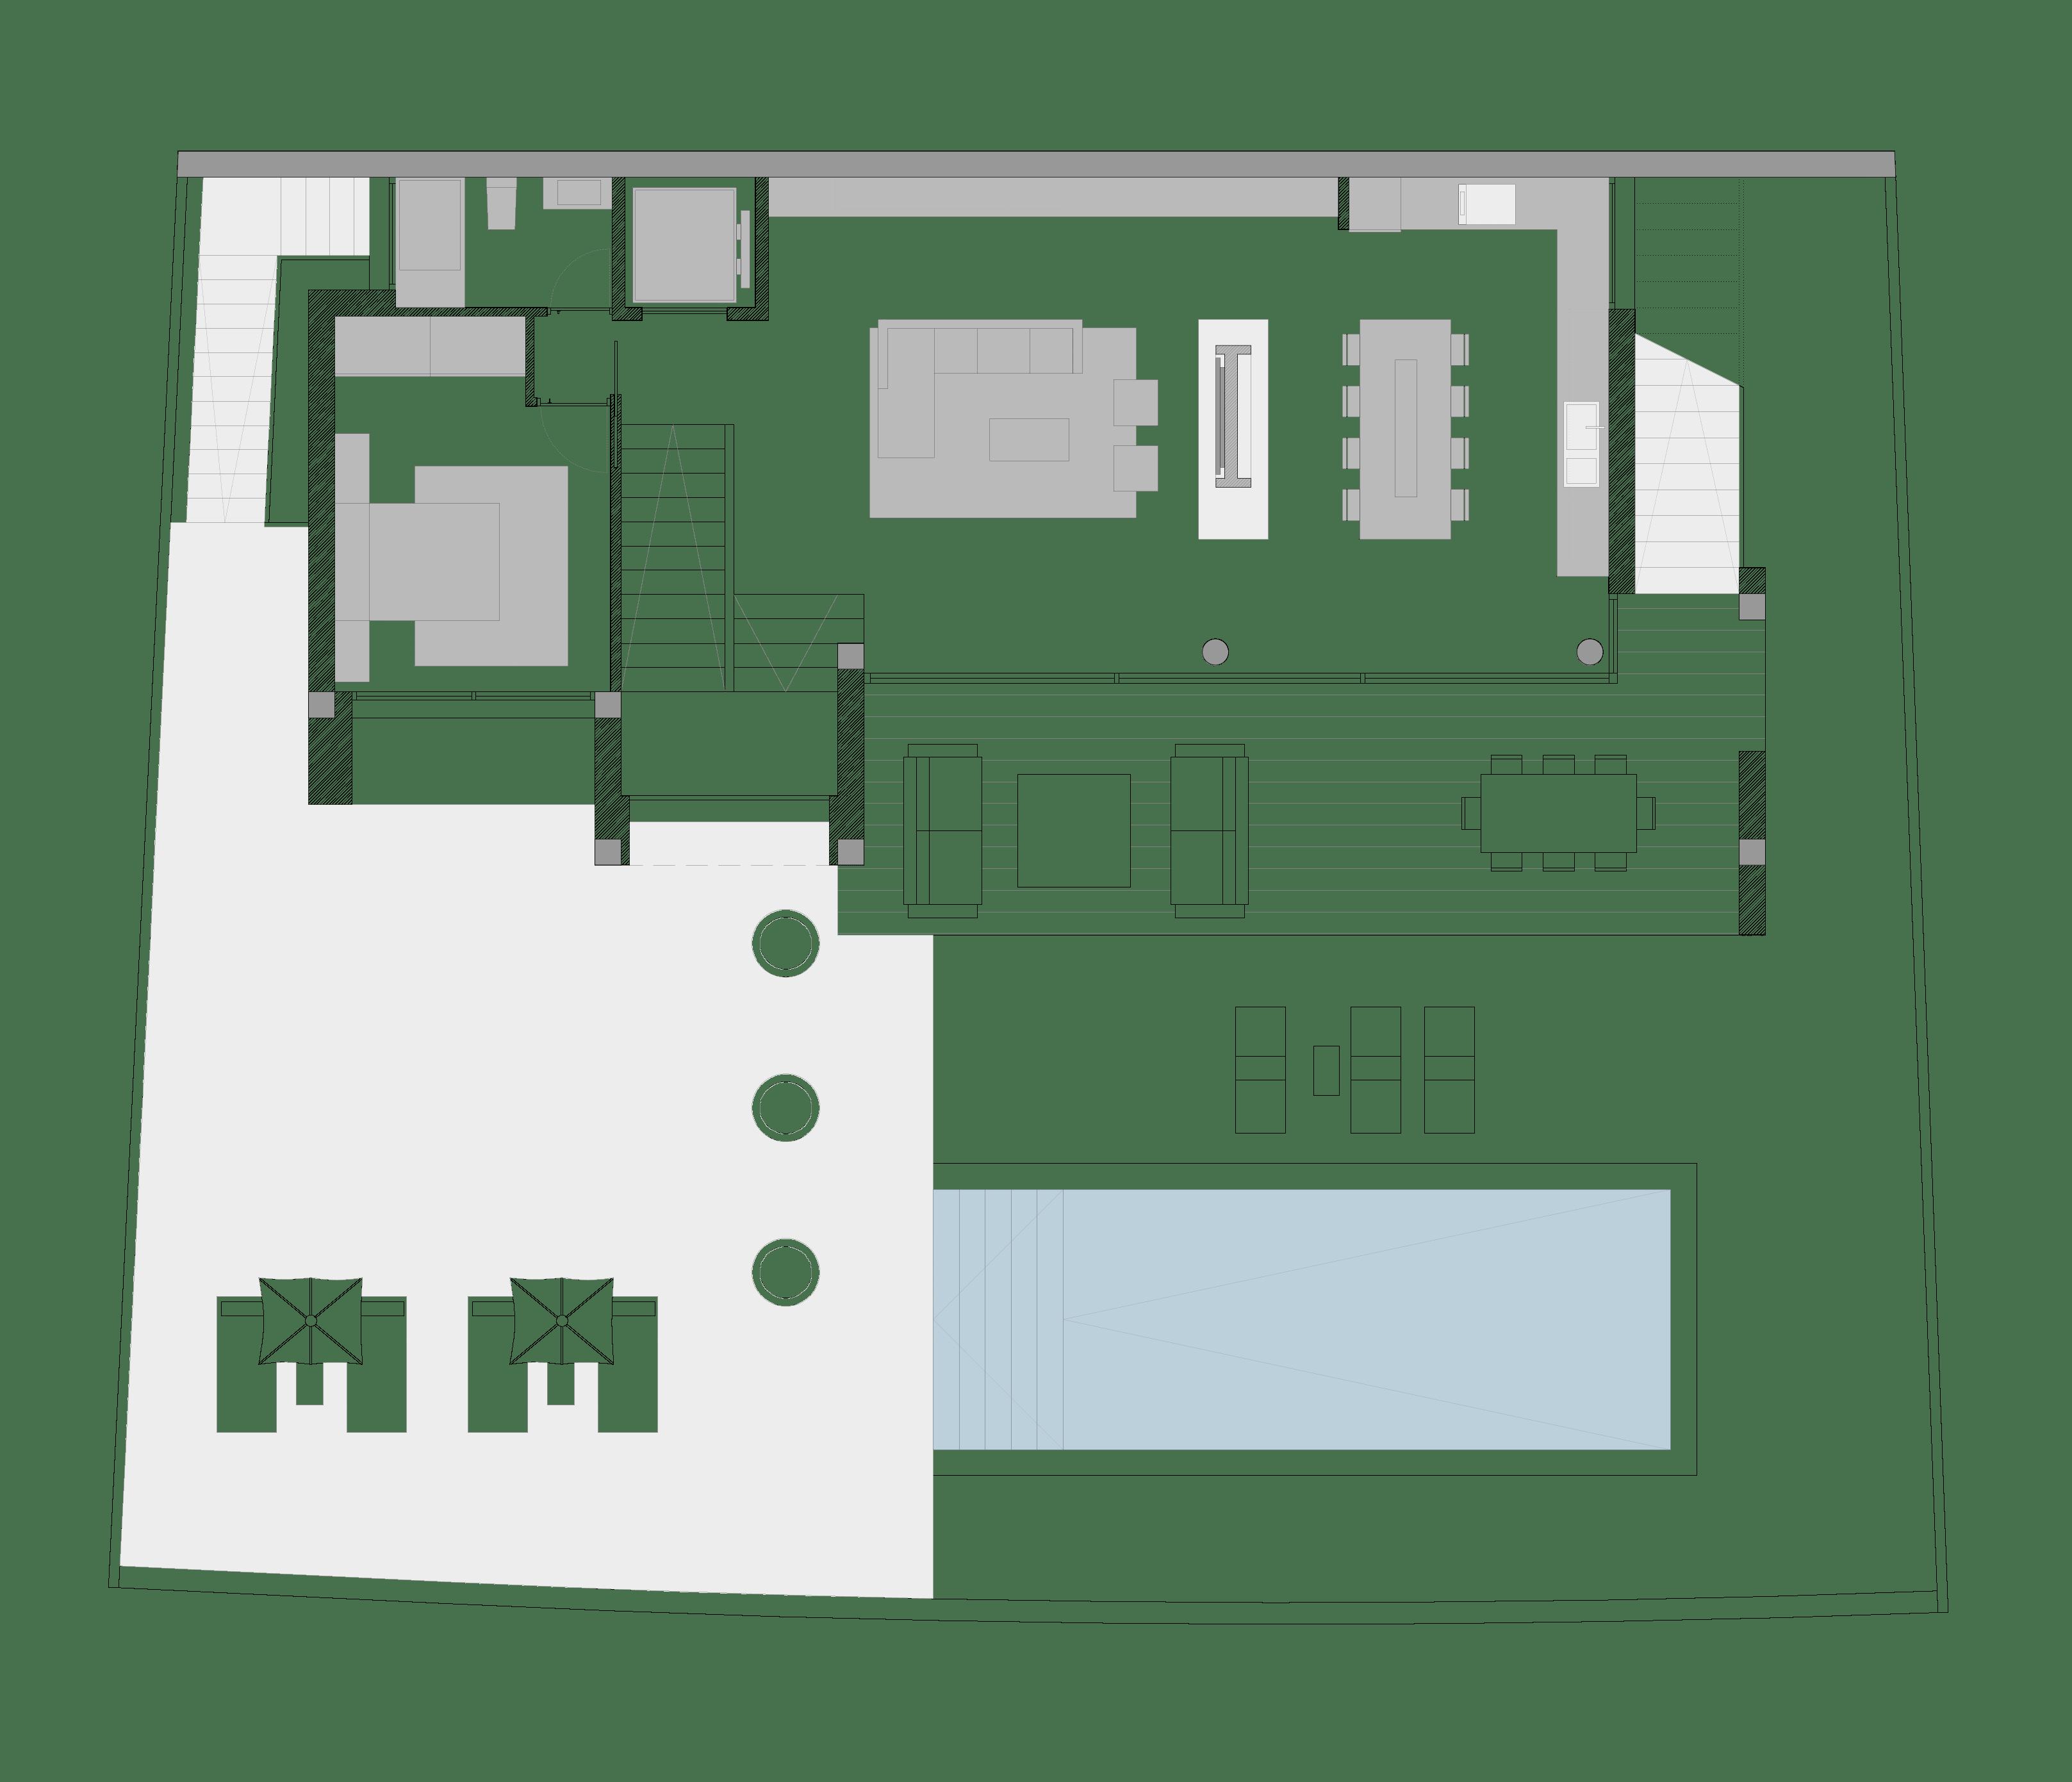 planta-baja-def-02-04-min